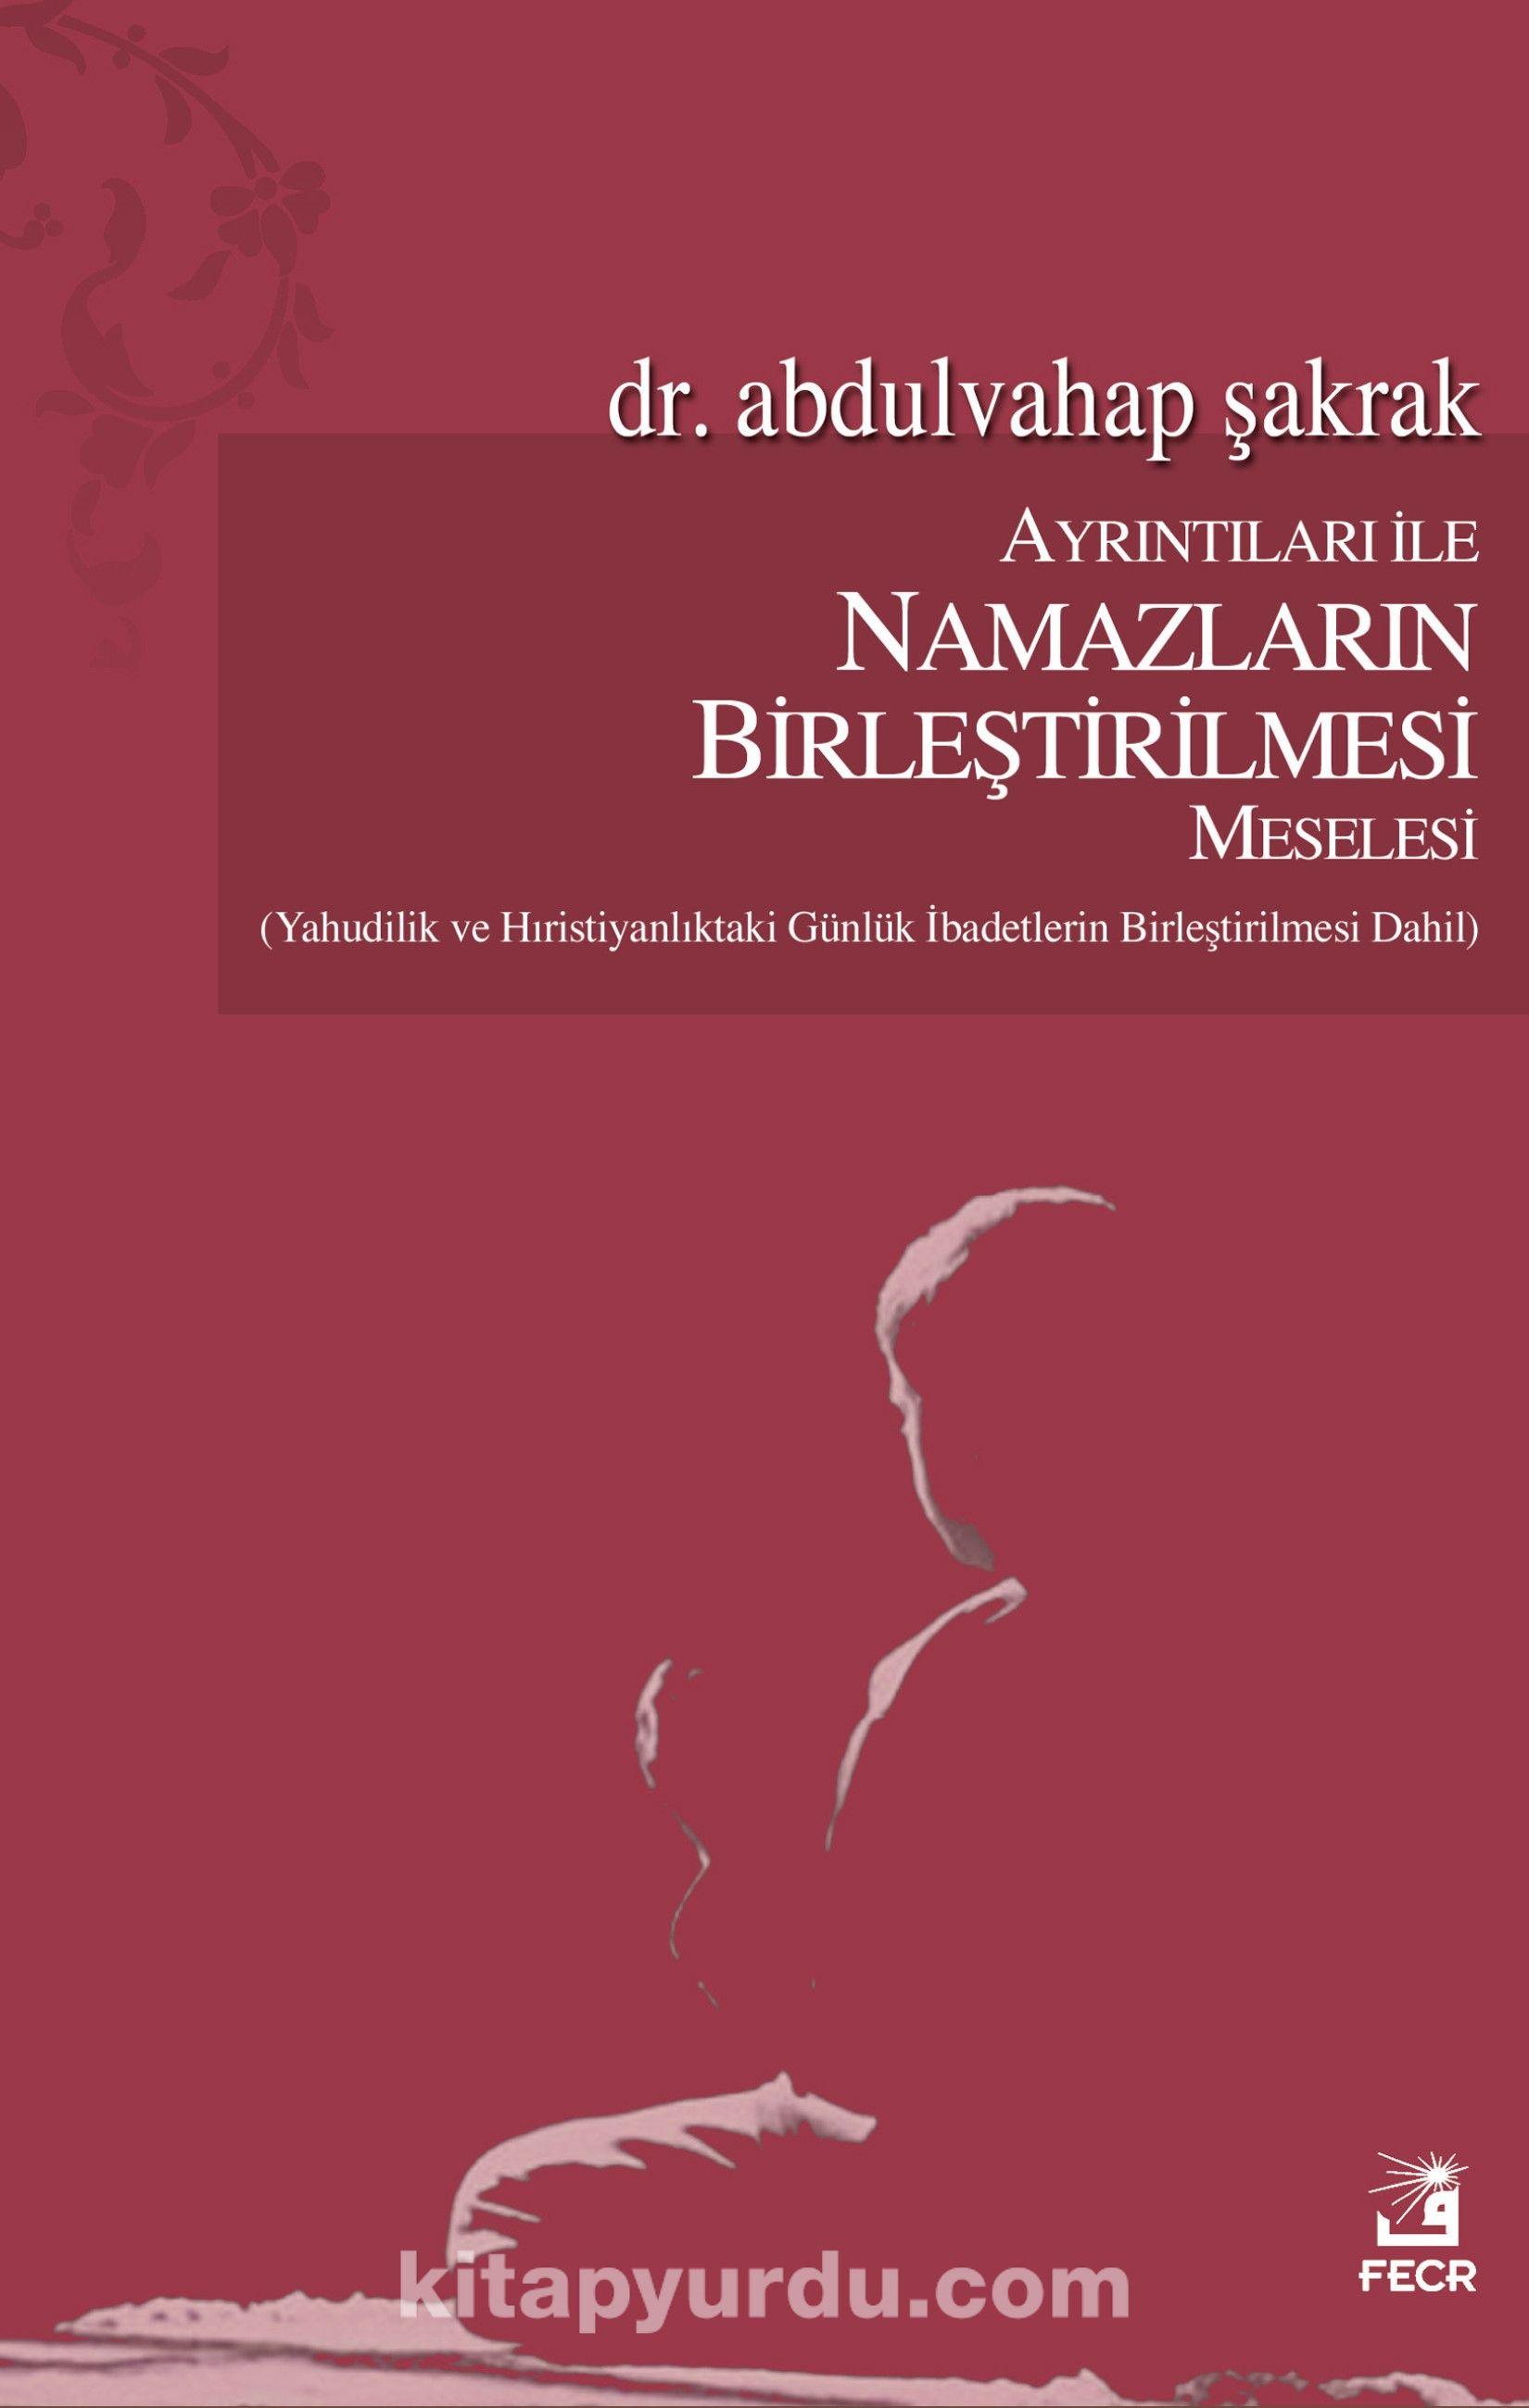 Ayrıntıları ile Namazların Birleştirilmesi Meselesi - Dr. Abdulvahap Şakrak pdf epub